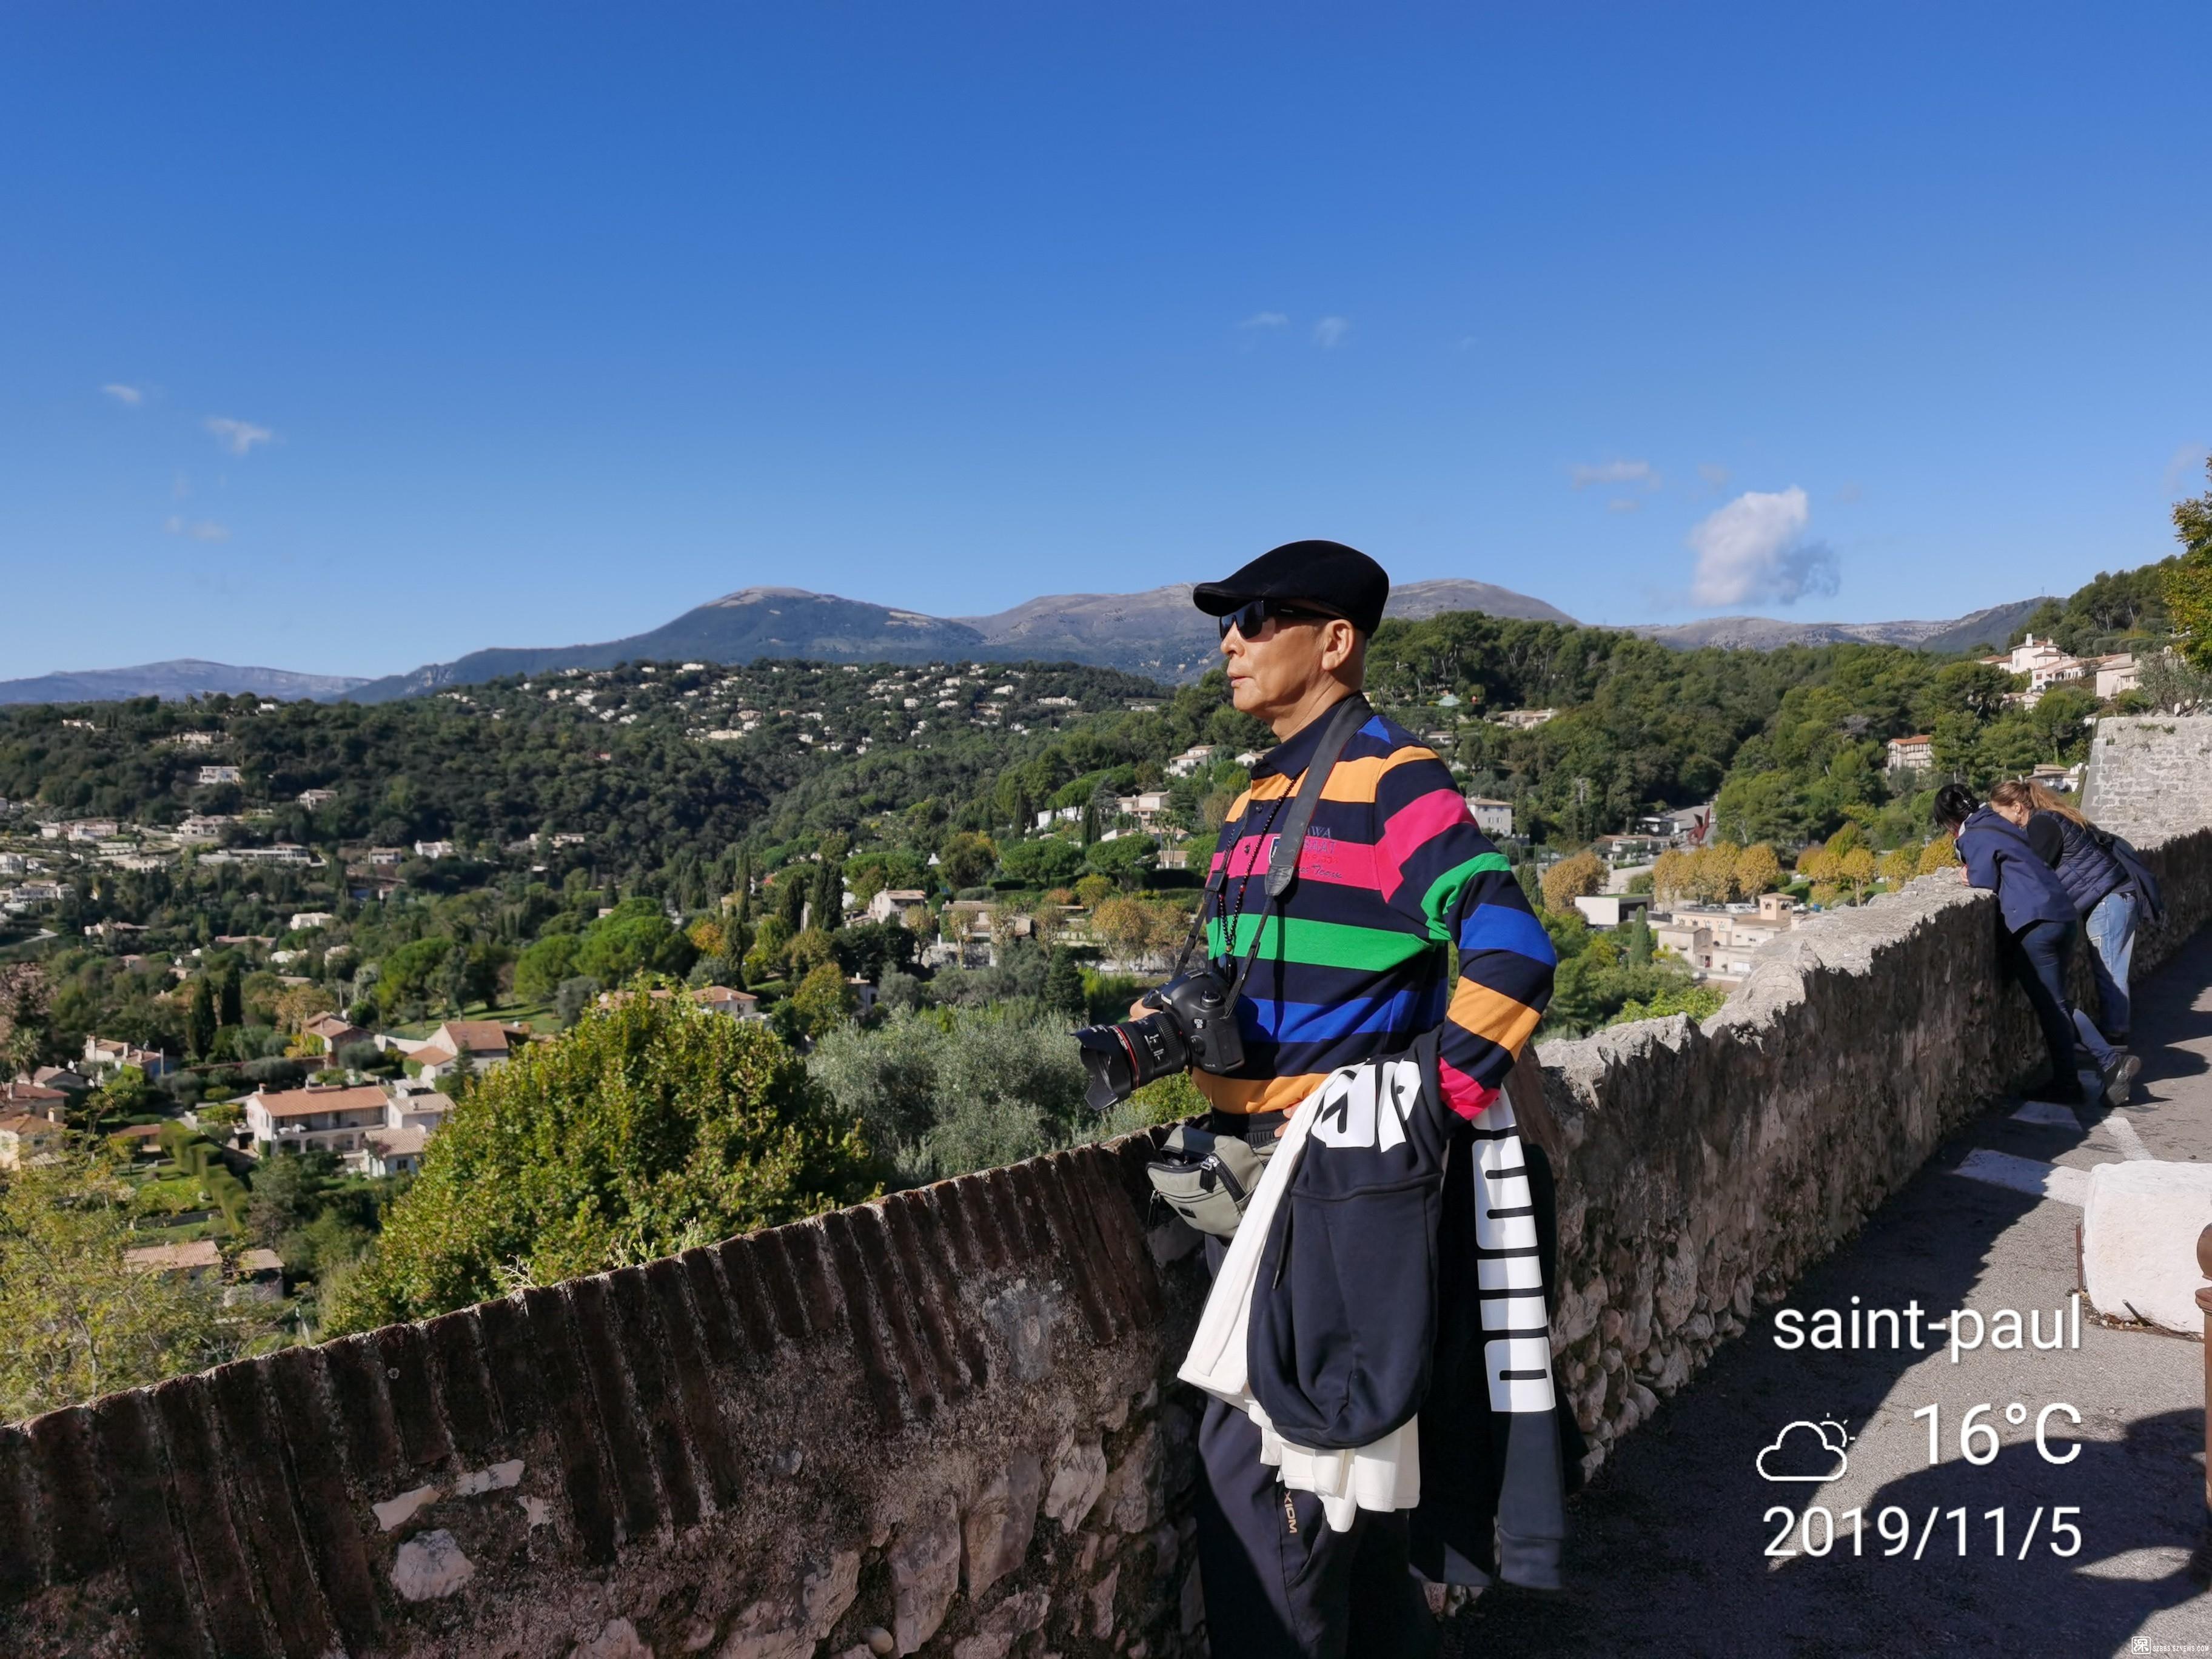 法国、瑞士小镇之旅IMG_20191105_120237.jpg